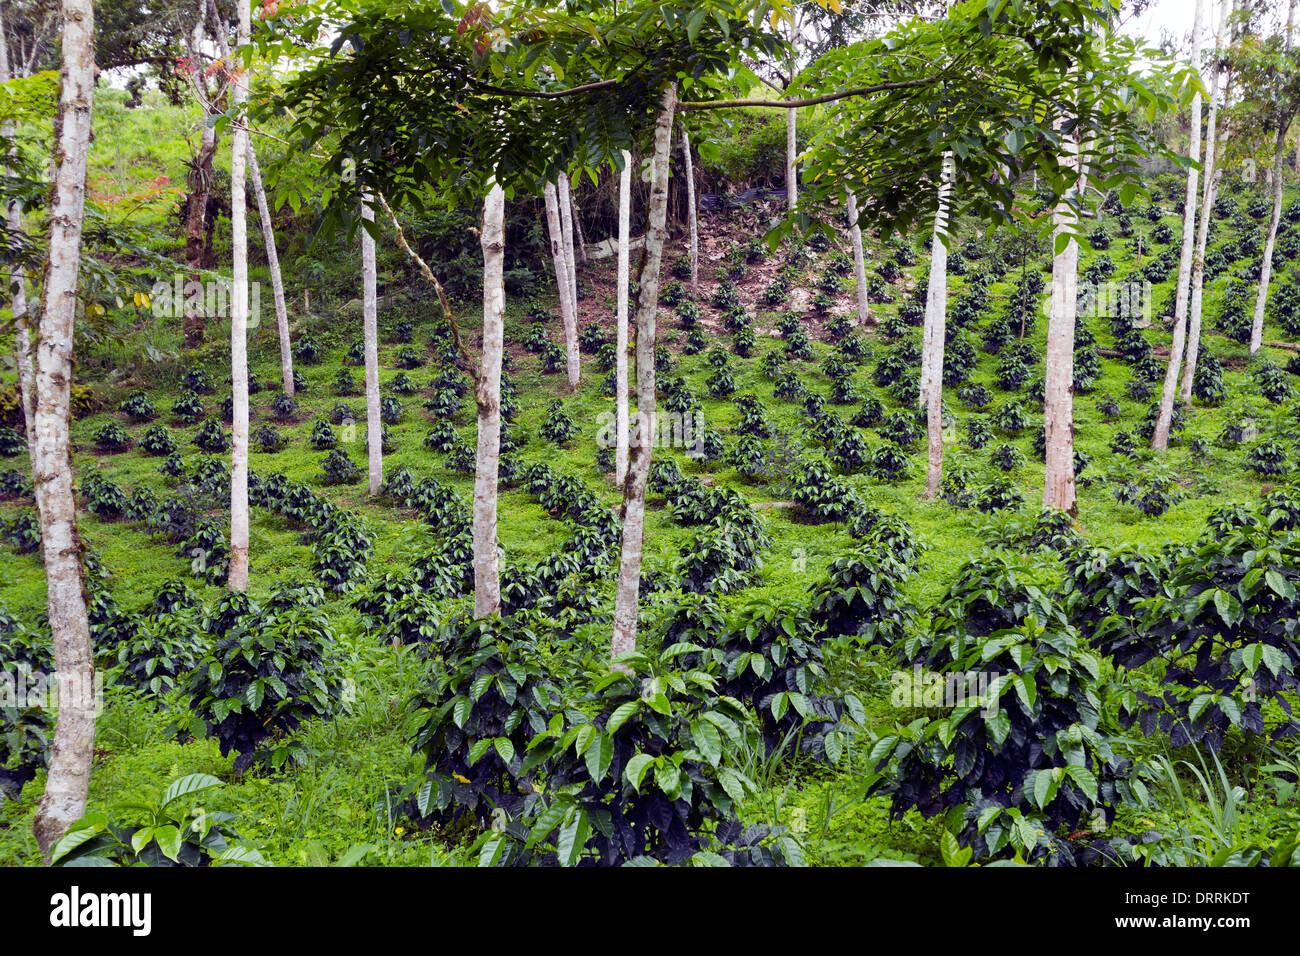 los arbustos de caf cultivado a la sombra en una. Black Bedroom Furniture Sets. Home Design Ideas